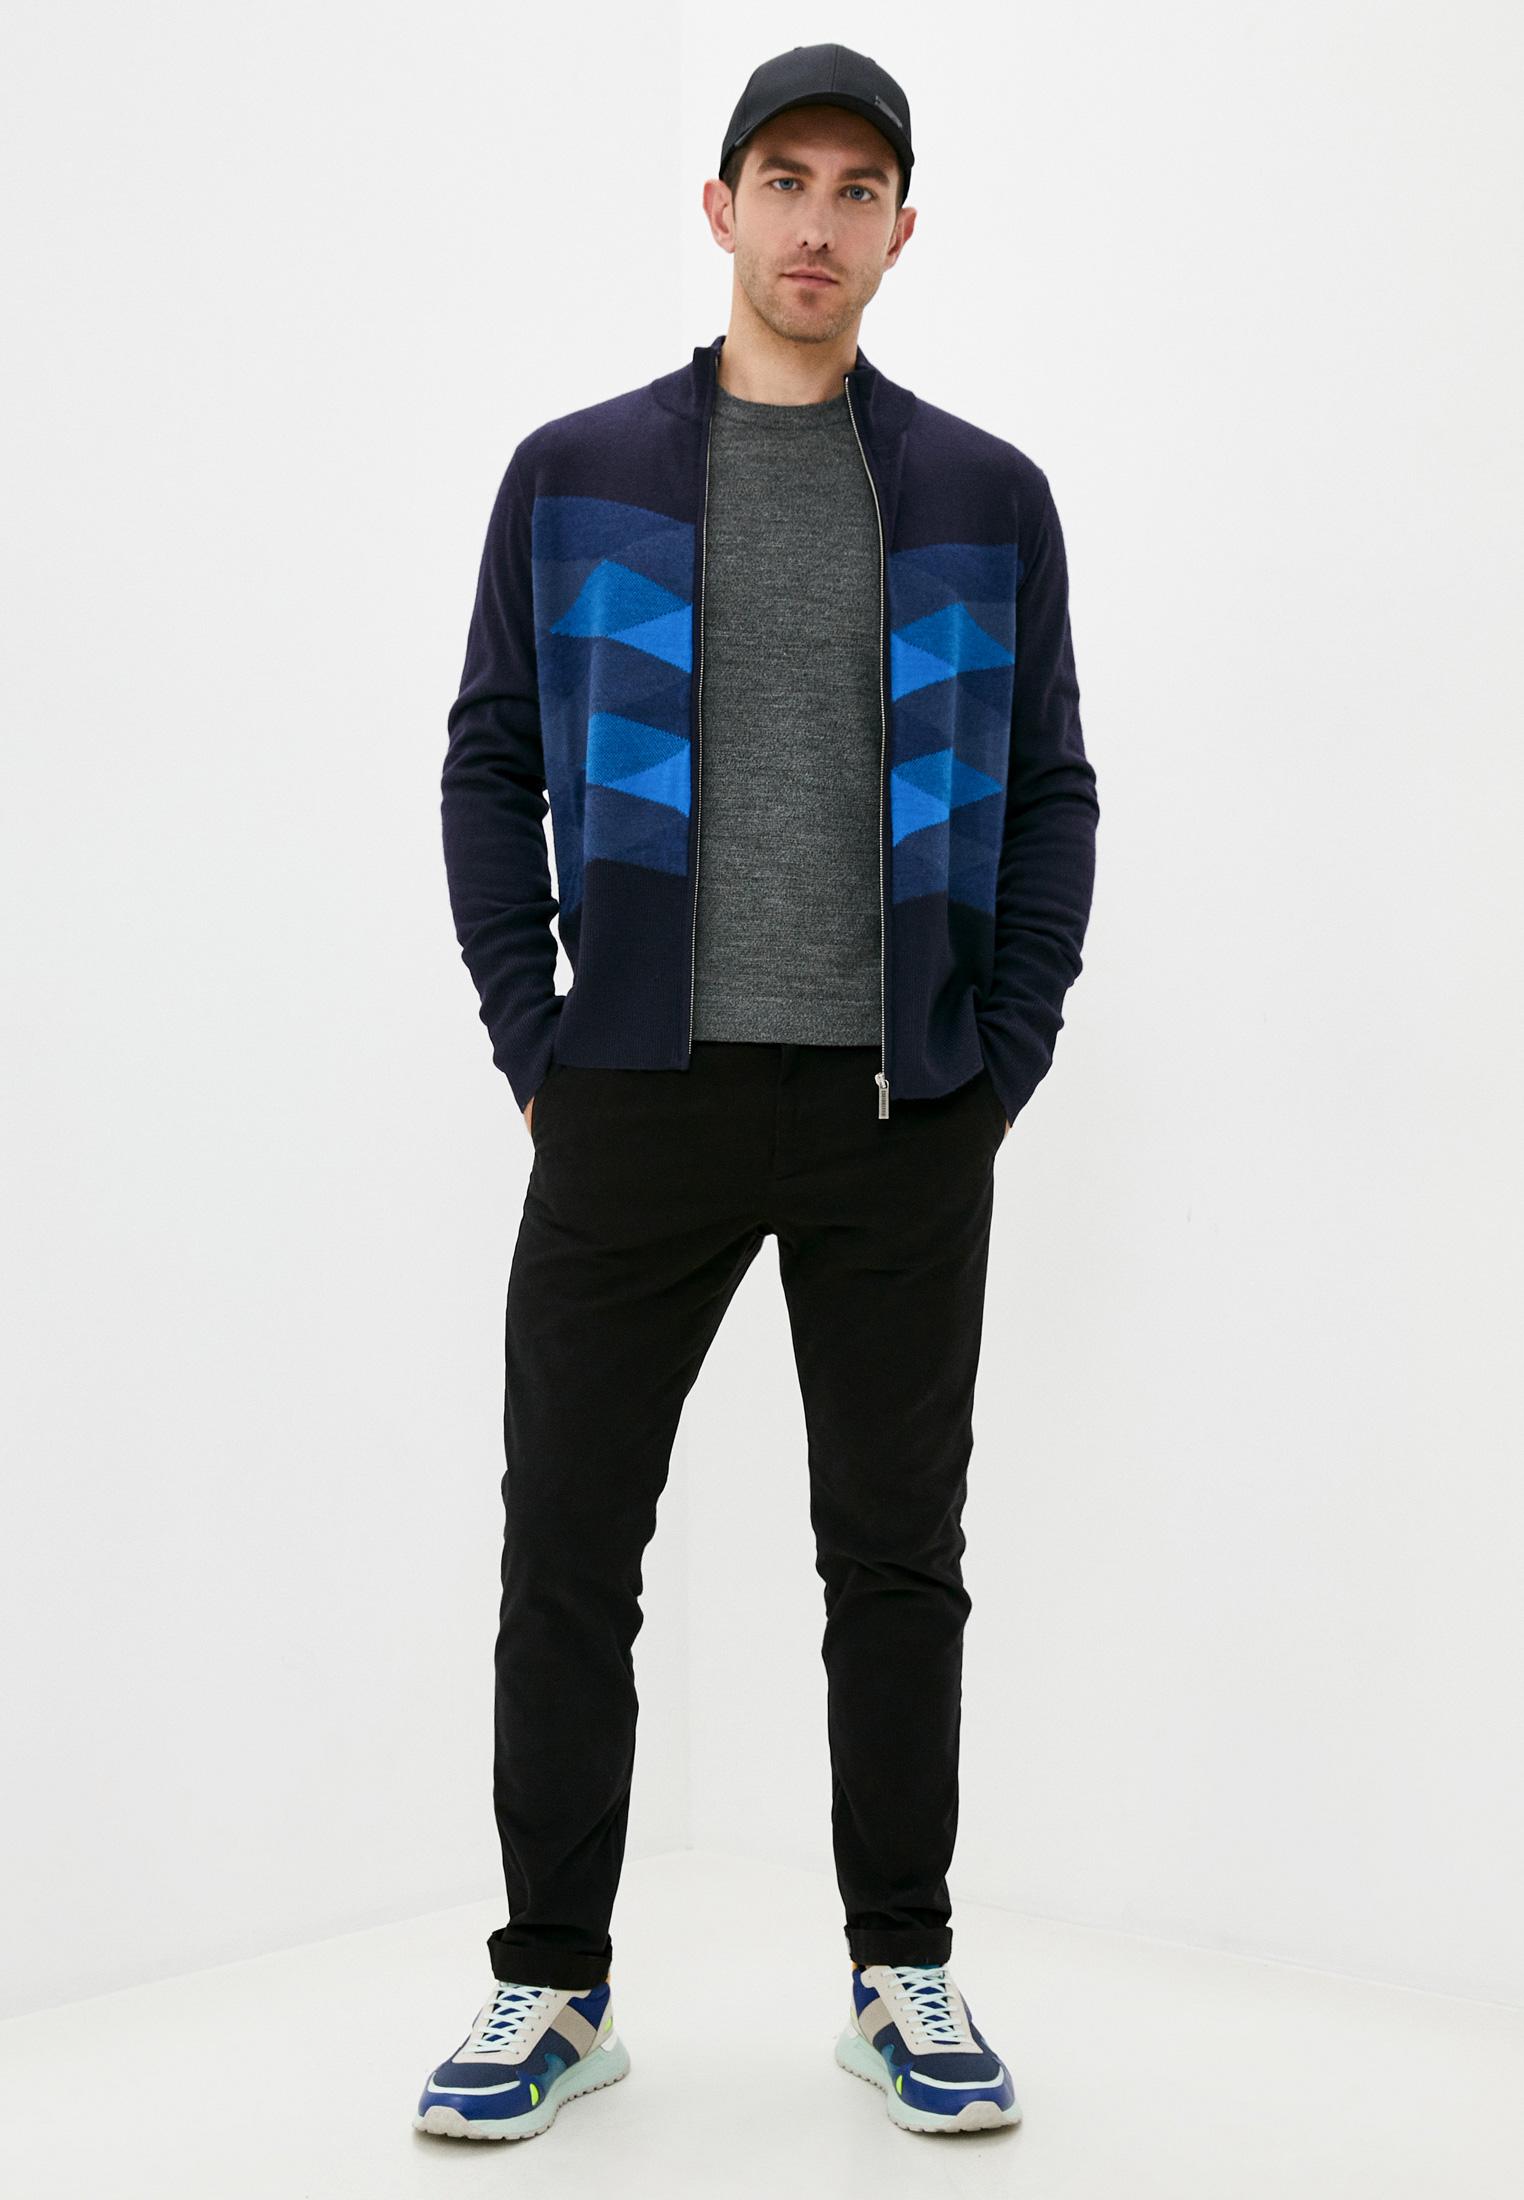 Мужские повседневные брюки Bikkembergs (Биккембергс) C P 001 04 S 3472: изображение 3